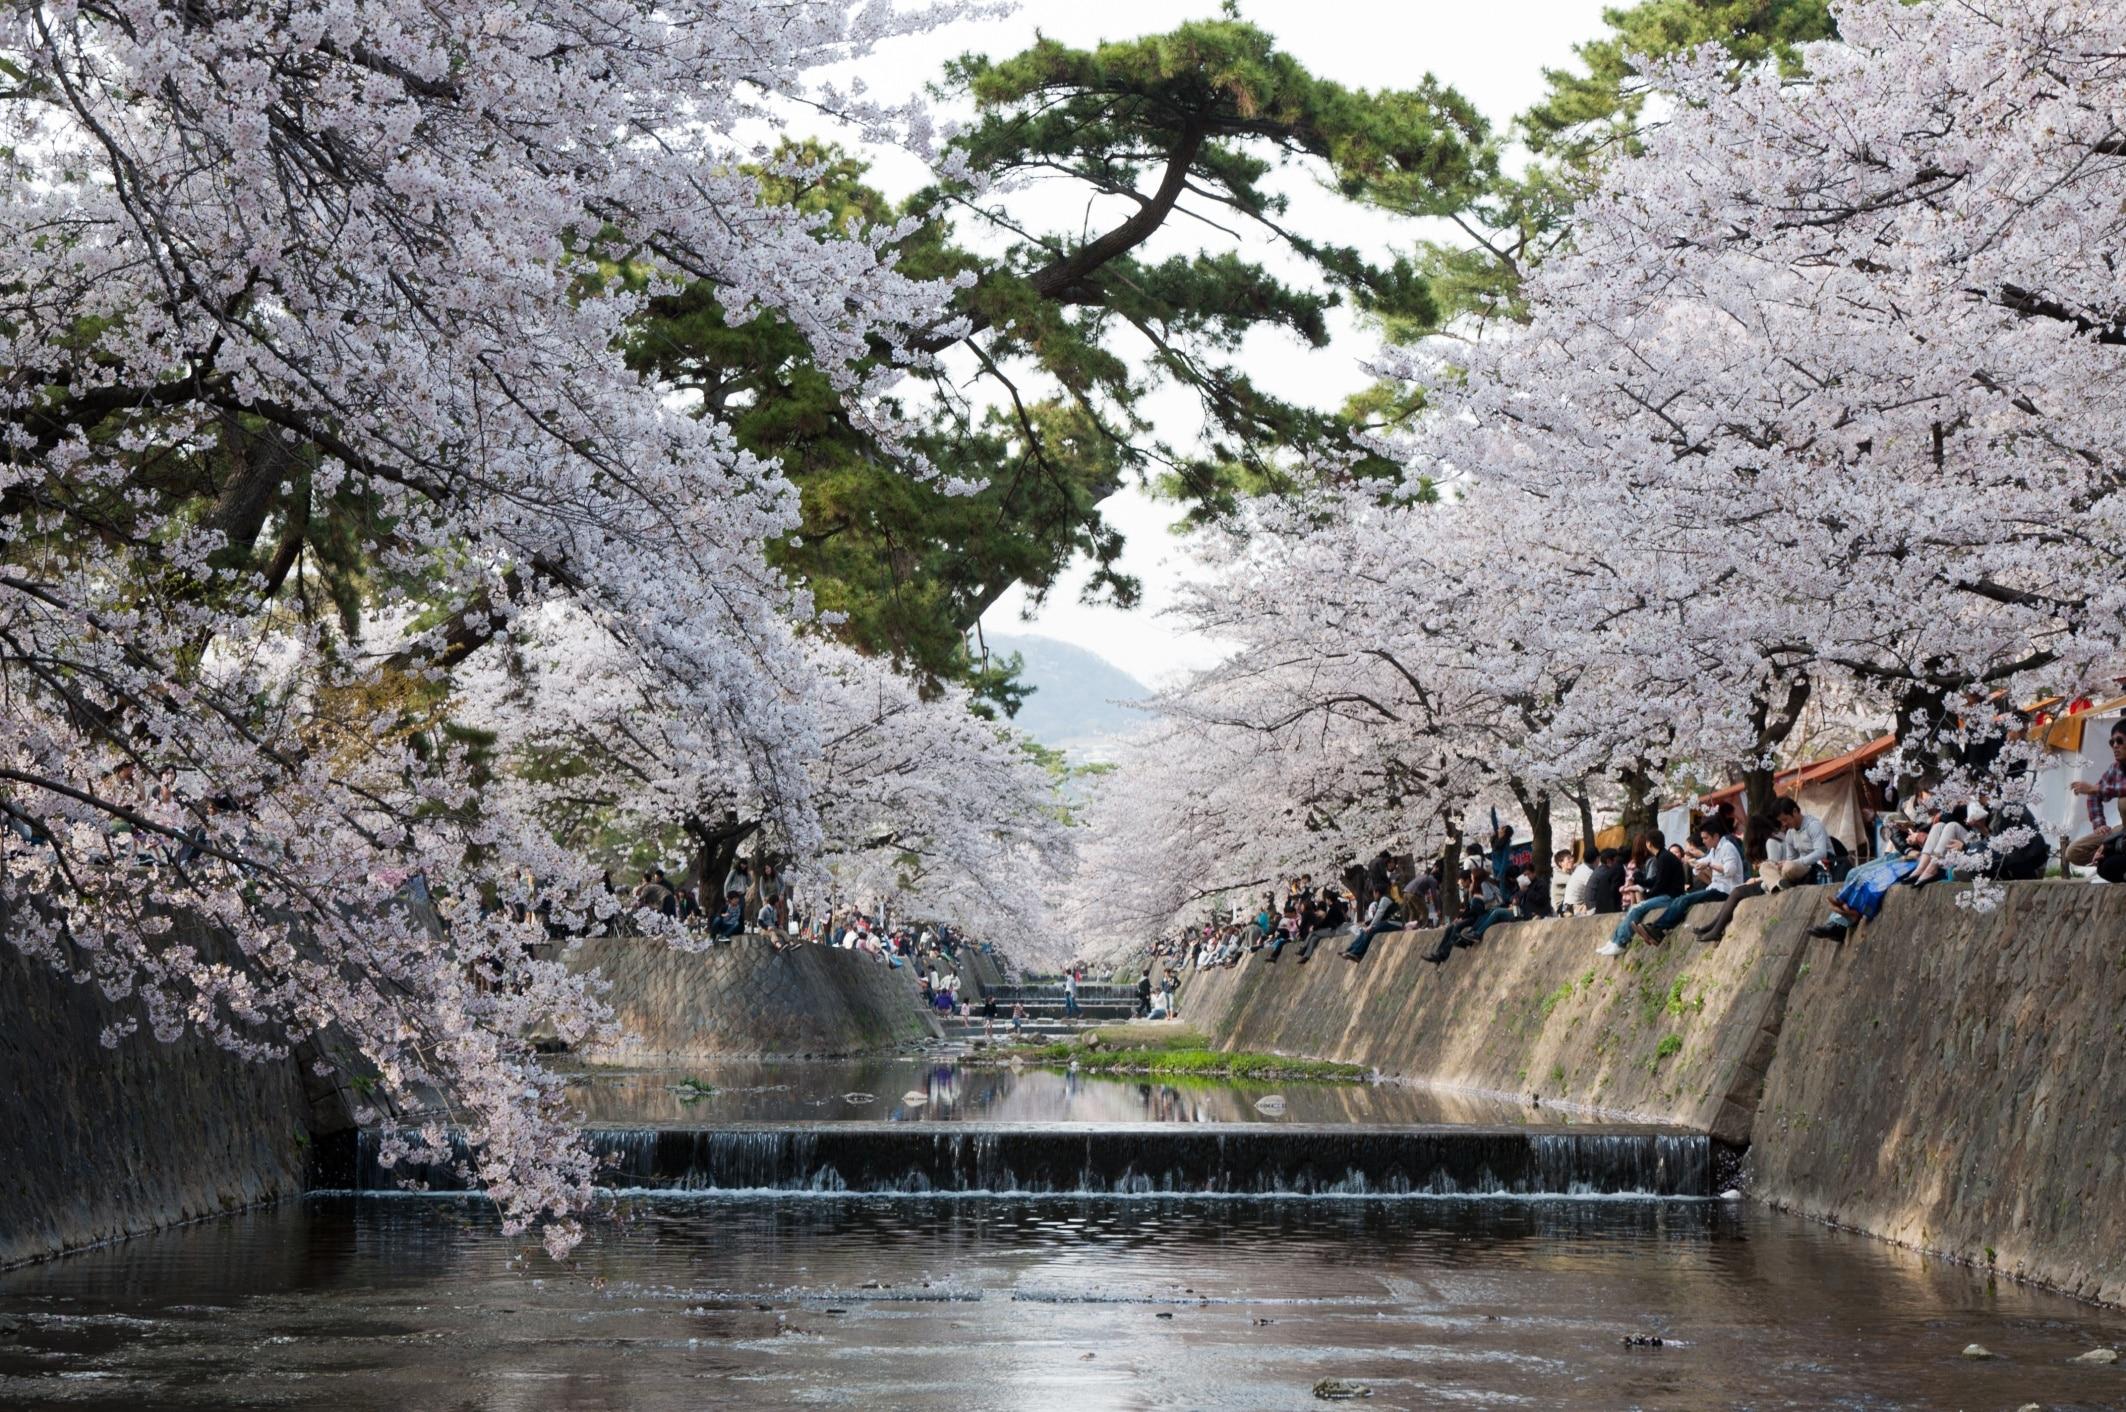 Shukugawa Kasenshiki Ryokuchi Park, Nishinomiya, Hyogo Prefecture, Japan